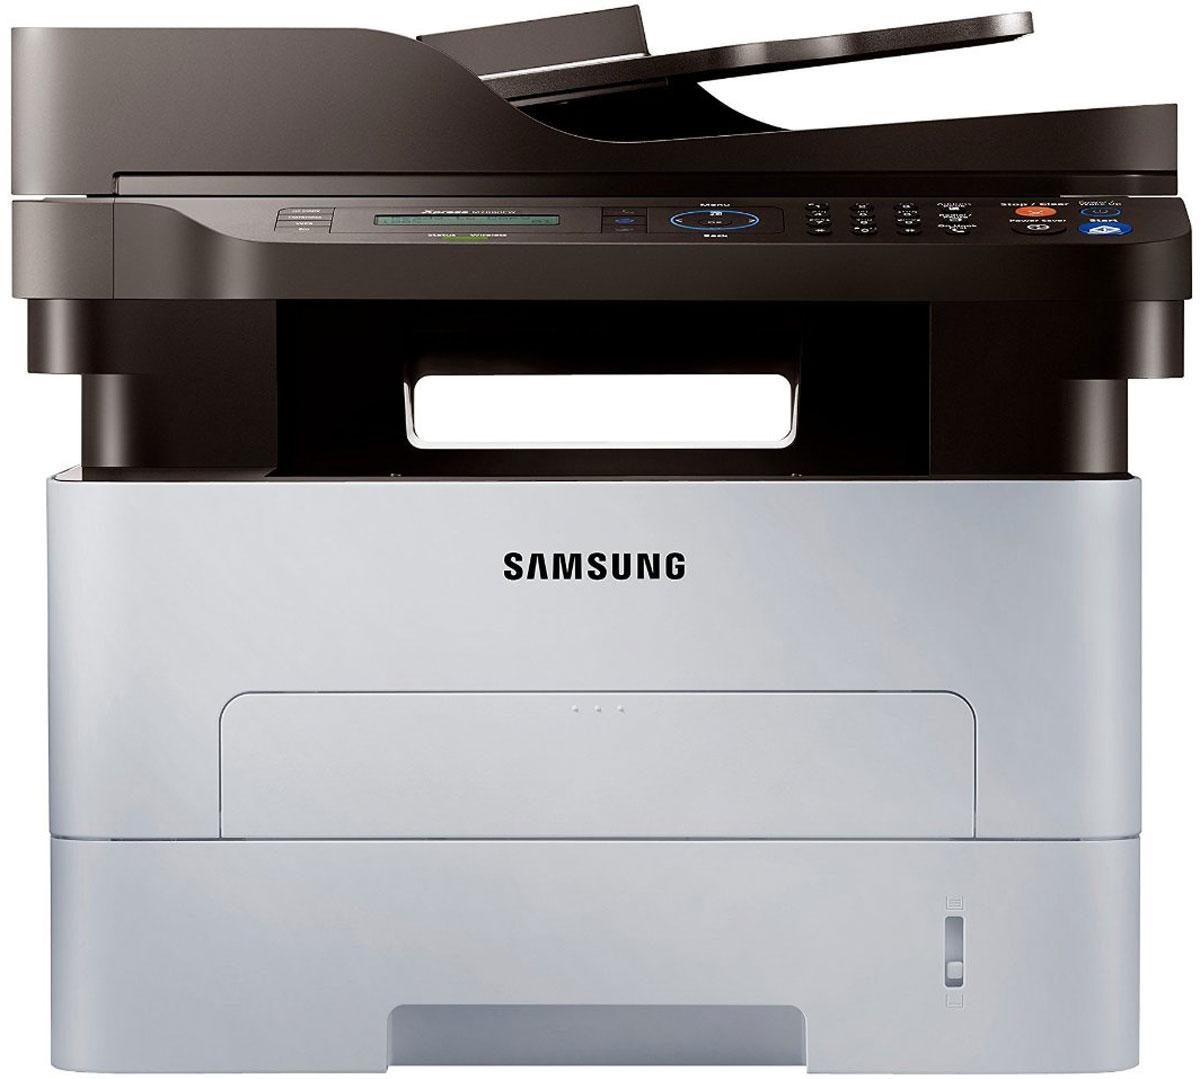 Samsung Xpress SL-M2880FW МФУ1000453496МФУ Samsung Xpress SL-M2880FW - это отличные результаты и экономия средств на эксплуатацию.С помощью технологий NFC, Wi-Fi Direct, Google Cloud Print и широкой совместимостью, теперь распечататьдокумент можно в одно касание. Просто коснитесь вашим мобильным устройством МФУ Samsung Xpress SL- M2880FW и отпечатайте любой контент. Сканируйте изображения и отправляйте их на ваше мобильноеустройство. Делитесь файлами с вашего мобильного устройства моментально через факс-режим.Простая процедура регистрации на Google CloudОблачная печать Google Cloud Print позволяет подключиться к принтеру с любого места в мире, где естьИнтернет. Просто коснитесь смартфоном NFC метки на принтере и он автоматически подключится к облачномухранилищу — никакого логина и пароля.Не нужно обращаться в Сервис для устранения неисправностей в вашем принтереРаздражают сообщения об ошибках на экране принтера? Если у вас есть смартфон с поддержкой NFC, то нетнеобходимости обращаться к кому-либо за помощью. Просто коснитесь смартфоном NFC метки на принтере и онпроведет вас по процедуре устранения неисправностей.Быстрая печать, ждать не нужноПроизводительные МФУ серии Samsung Xpress SL-M2880FW отвечают вашим профессиональным требованиям иобеспечивают превосходное качество печати. Экономьте время при печати сложных документов со скоростью28 страниц в минуту благодаря мощному 600 MГц процессору и оперативной памяти 128 MБ. Процессор Cortex-A5на 25.6% быстрее процессоров, используемых в прежних моделях принтеров, благодаря чему данная серияотличается одной из самых высоких скоростей печати в своем классе. Теперь вы можете быстрее делать вашуработу, быть более гибкими и продуктивными.Эффектные отпечатки высокого качестваТеперь профессиональное качество печати доступно для каждого пользователя. Ваш принтер Samsung XpressSL-M2880FW обеспечивает яркие и четкие отпечатки. Благодаря поддержке высокого разрешения 4800 x 600точек на дюйм и технологии Rendering Engine for Clean